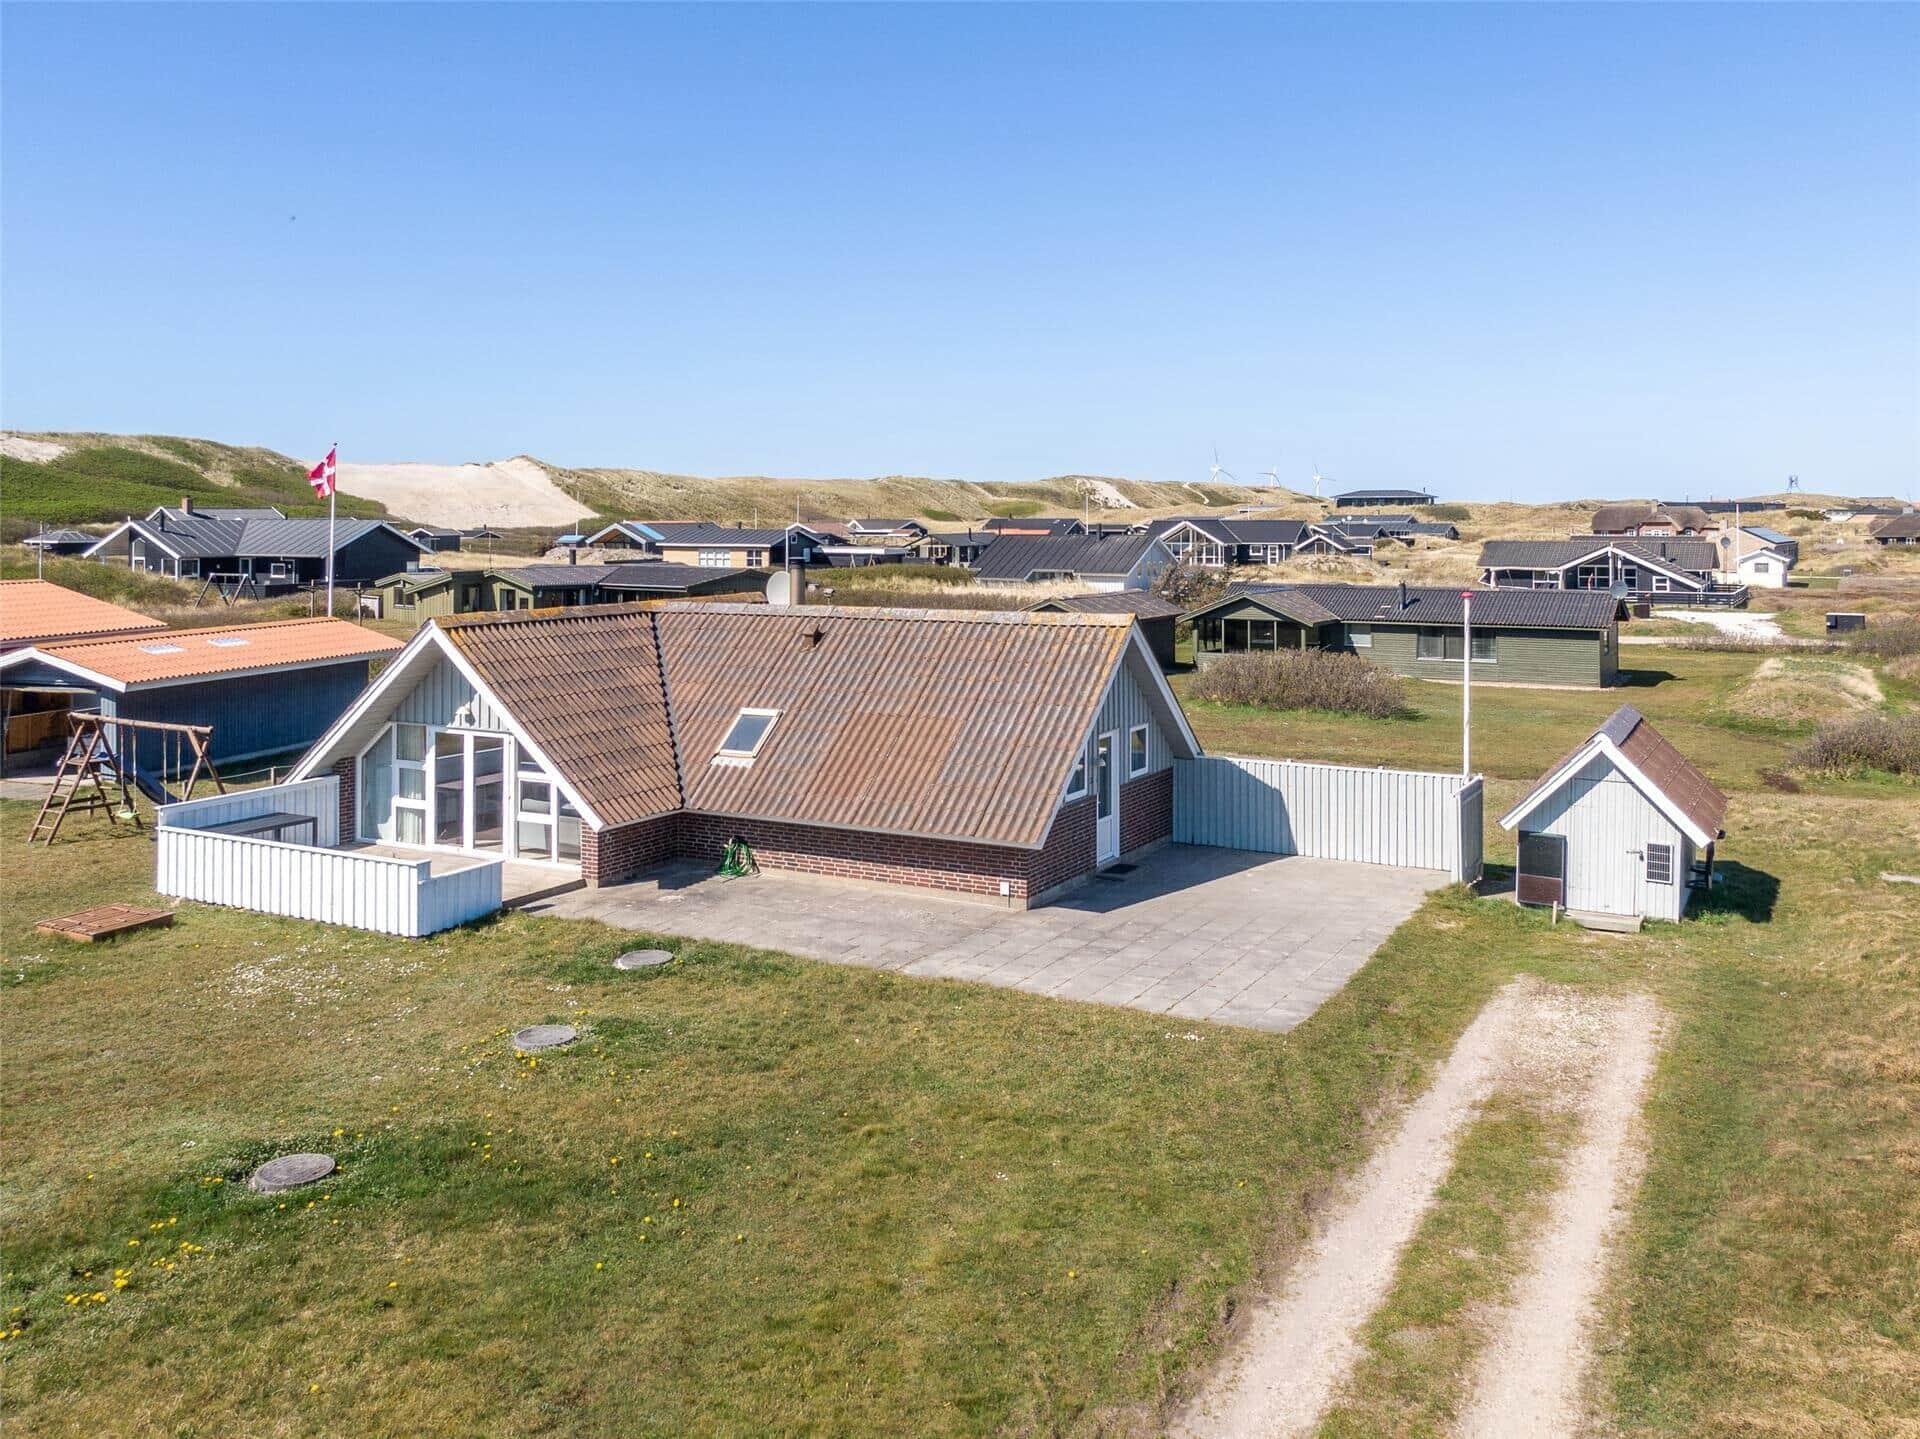 Billede 1-4 Sommerhus 452, Granvej 36, DK - 6960 Hvide Sande